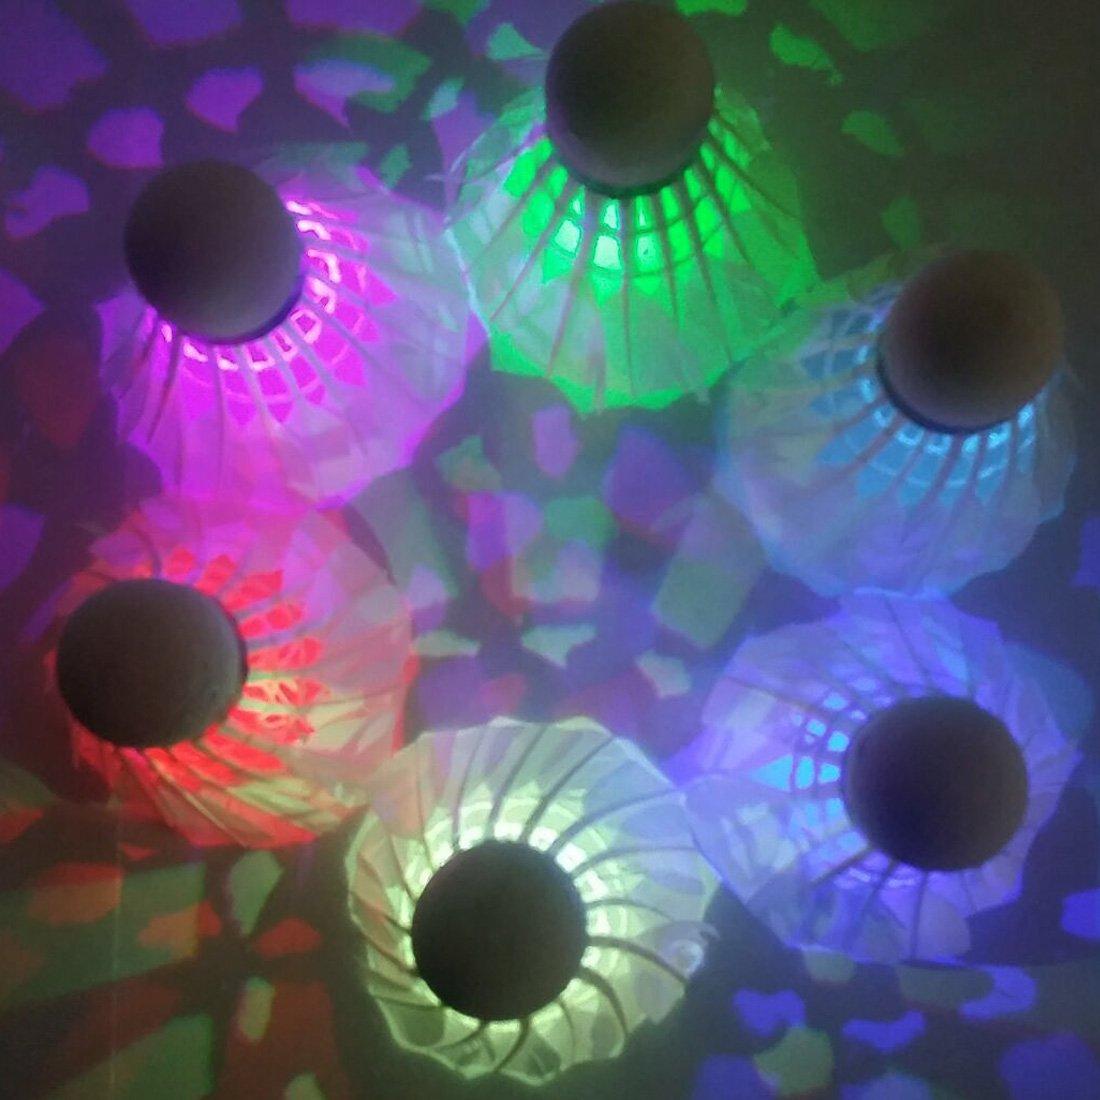 farshop LED Badminton Volants en Dark Night Glow Birdies Éclairage pour l'intérieur Activités sportives